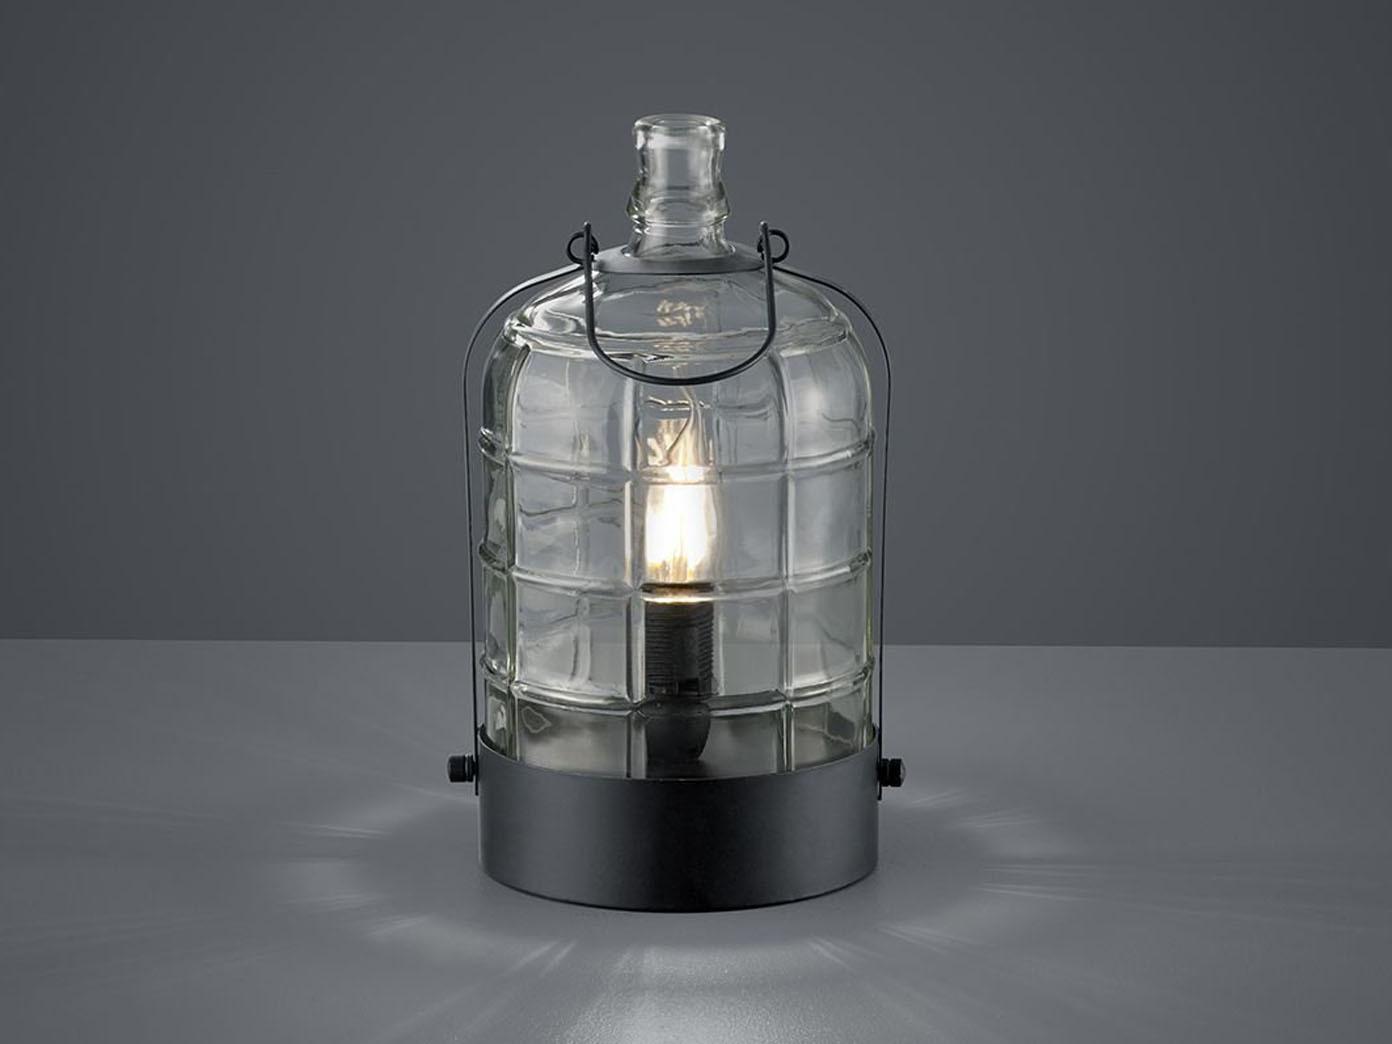 Tischlampe Glas Nachttischlampe Vintage Tischleuchte Design schwarz mit LED